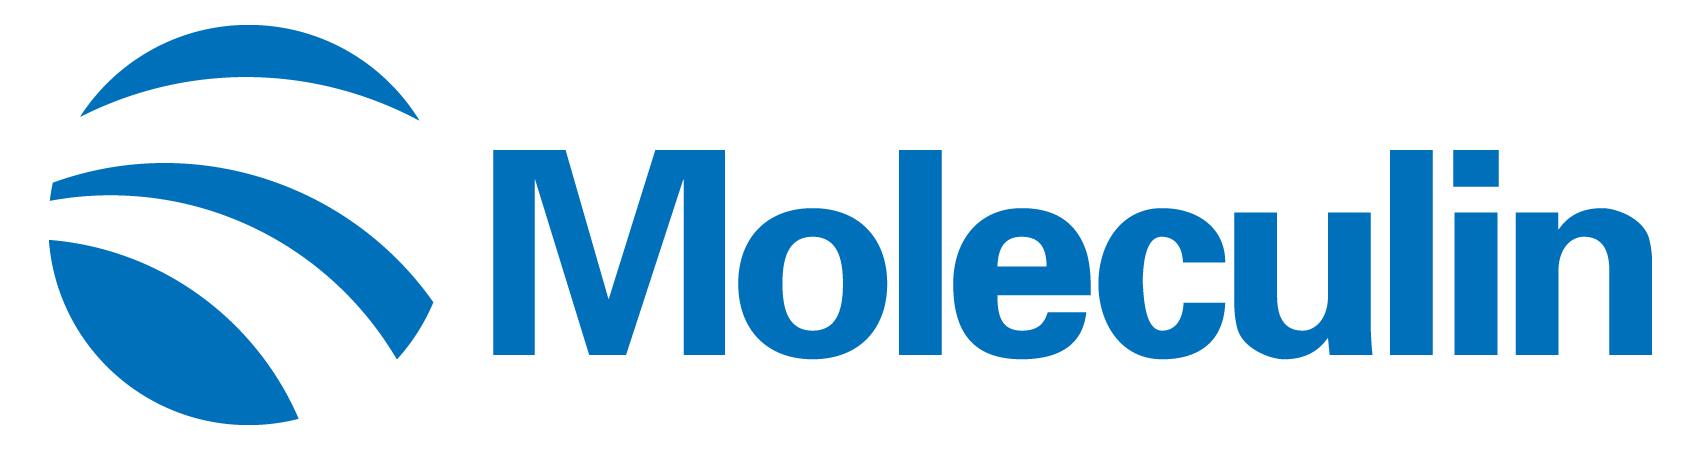 MOLECULIN-LOGO_HORIZA47.JPG